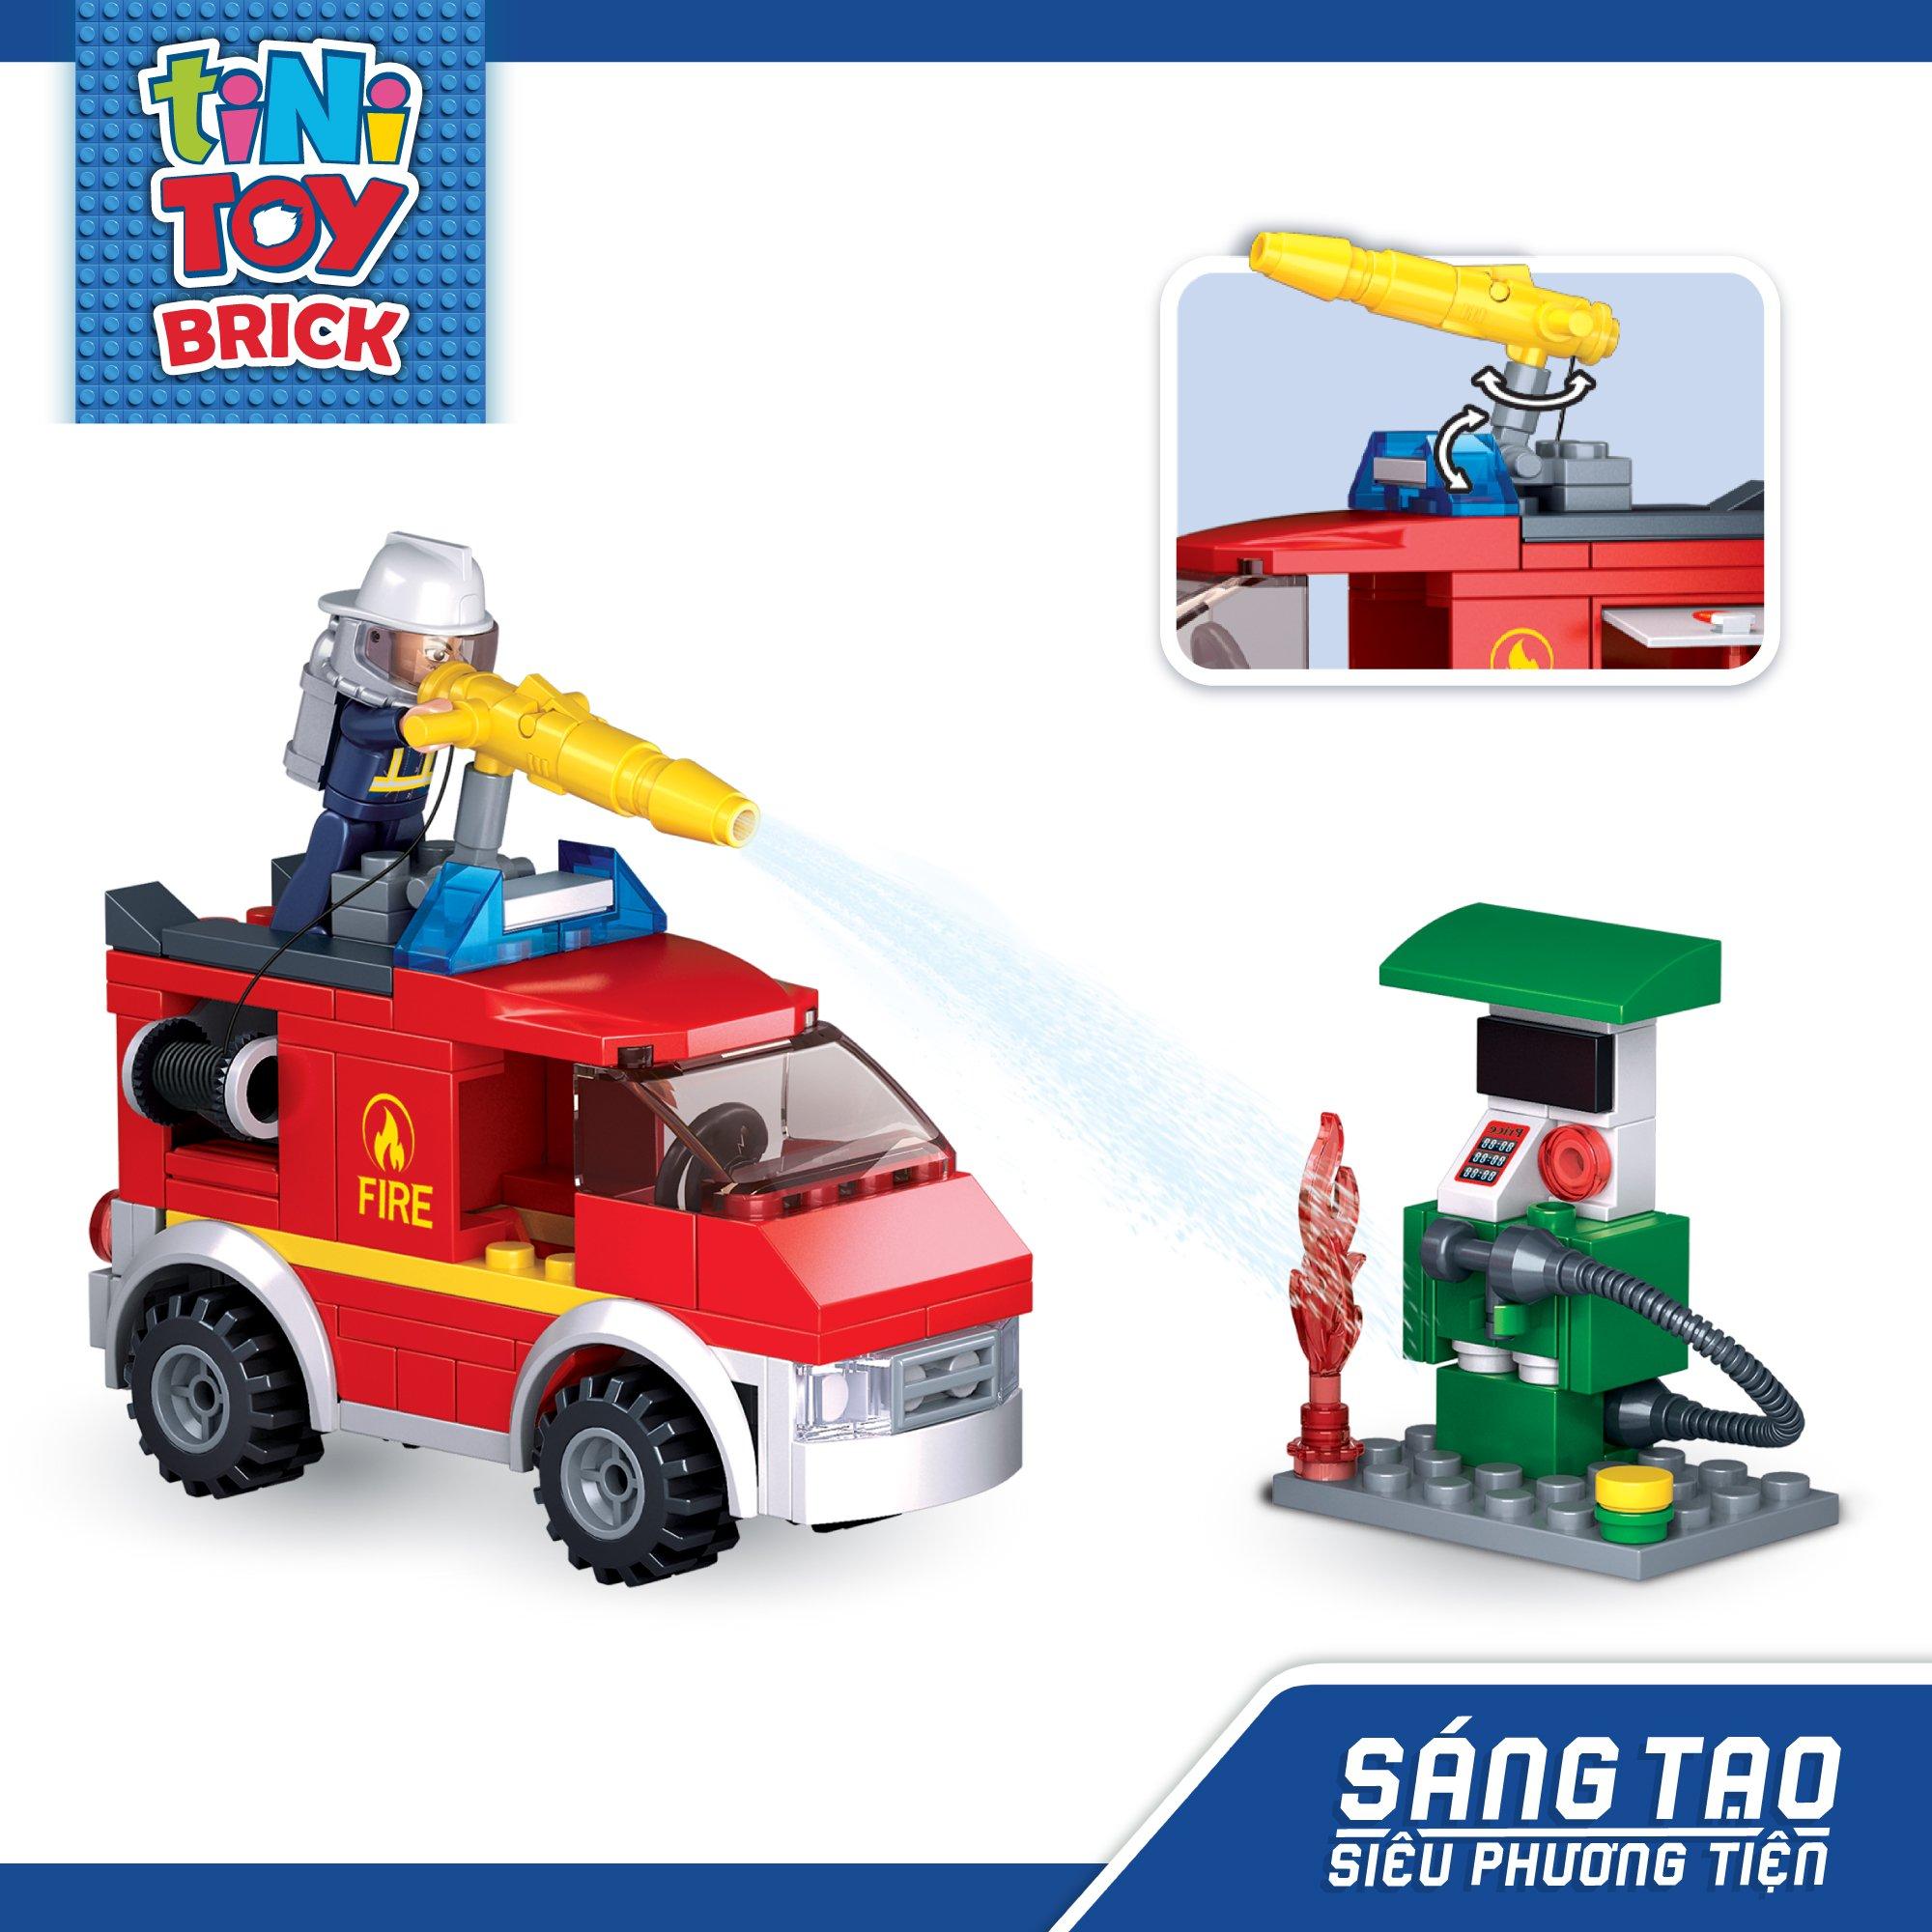 Đồ chơi lắp ráp xe cứu hỏa và trạm xăng TINITOY BRICK (136 pcs)